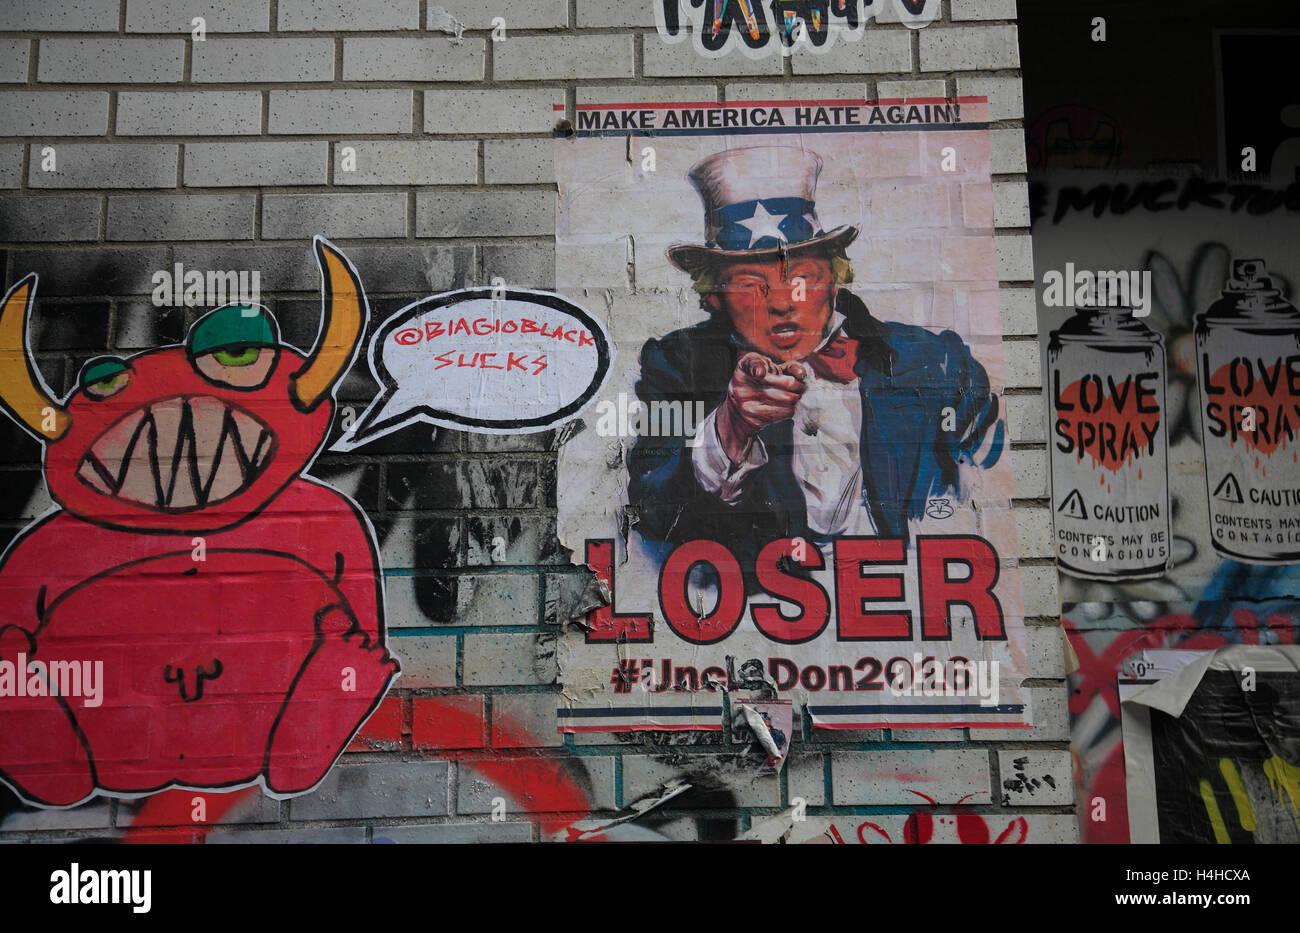 Election 2016, New York, USA - Stock Image